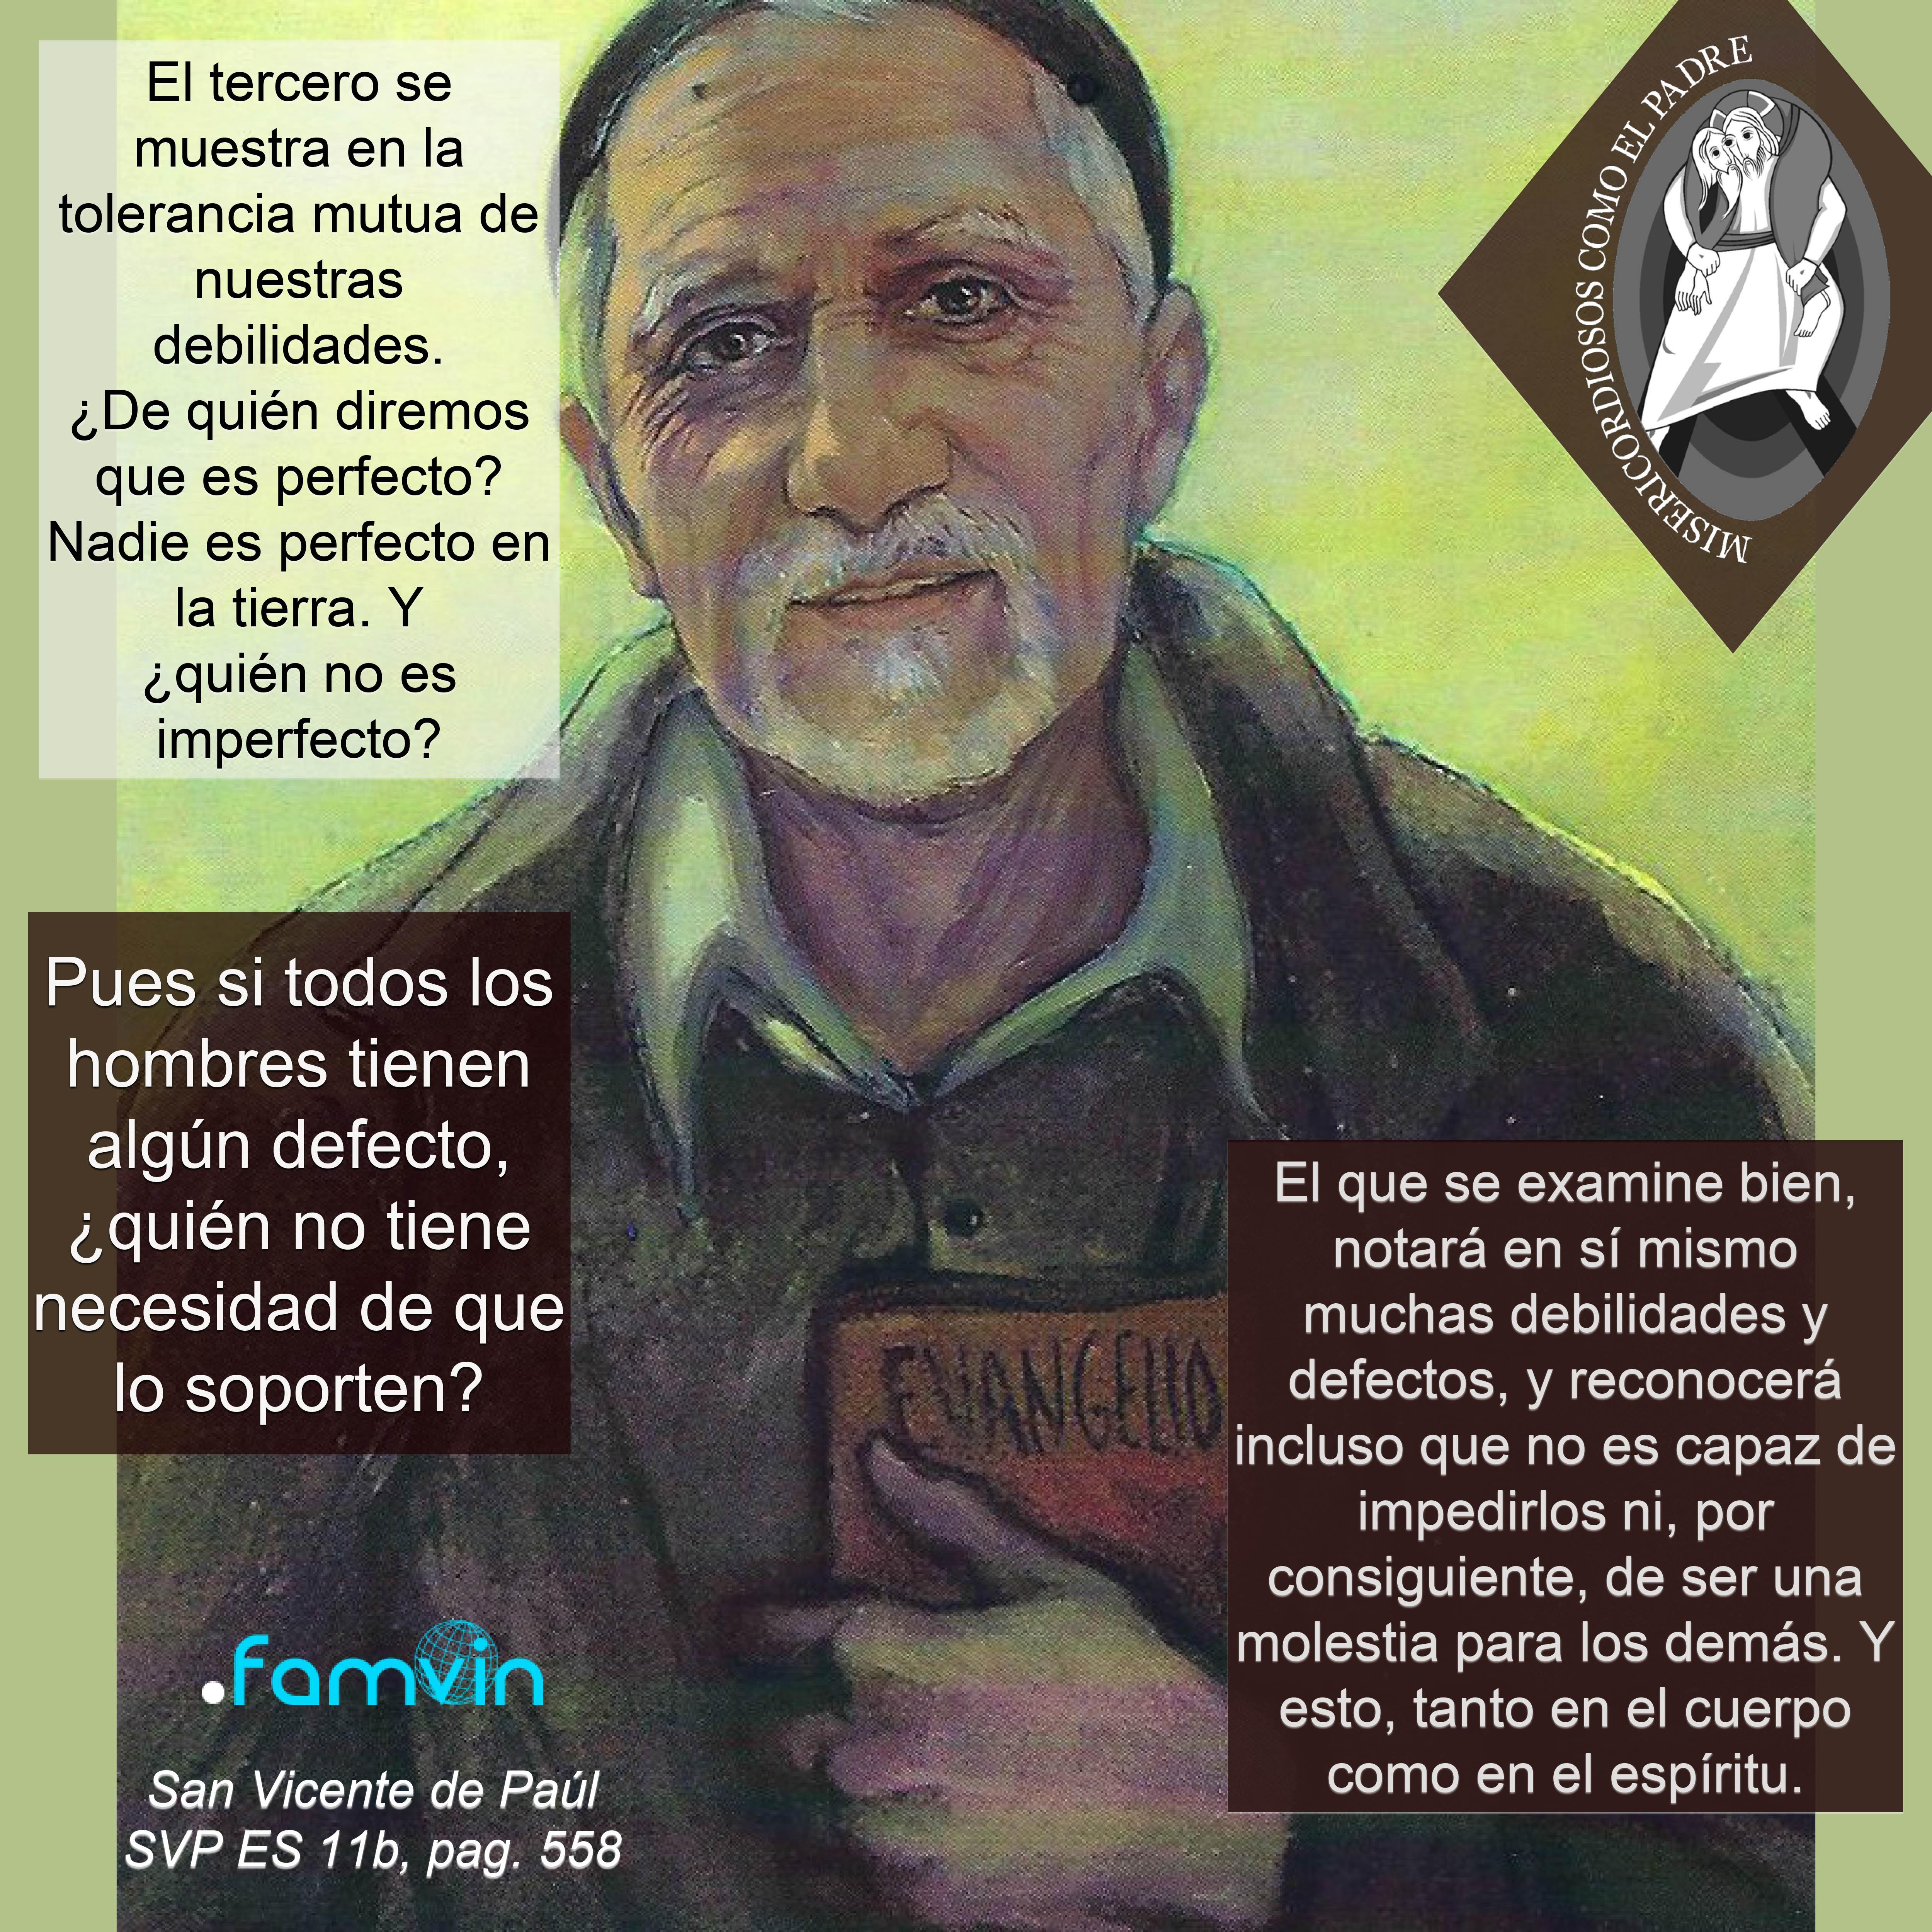 El Año de la Misericordia para Vicencianos 26.07.2016